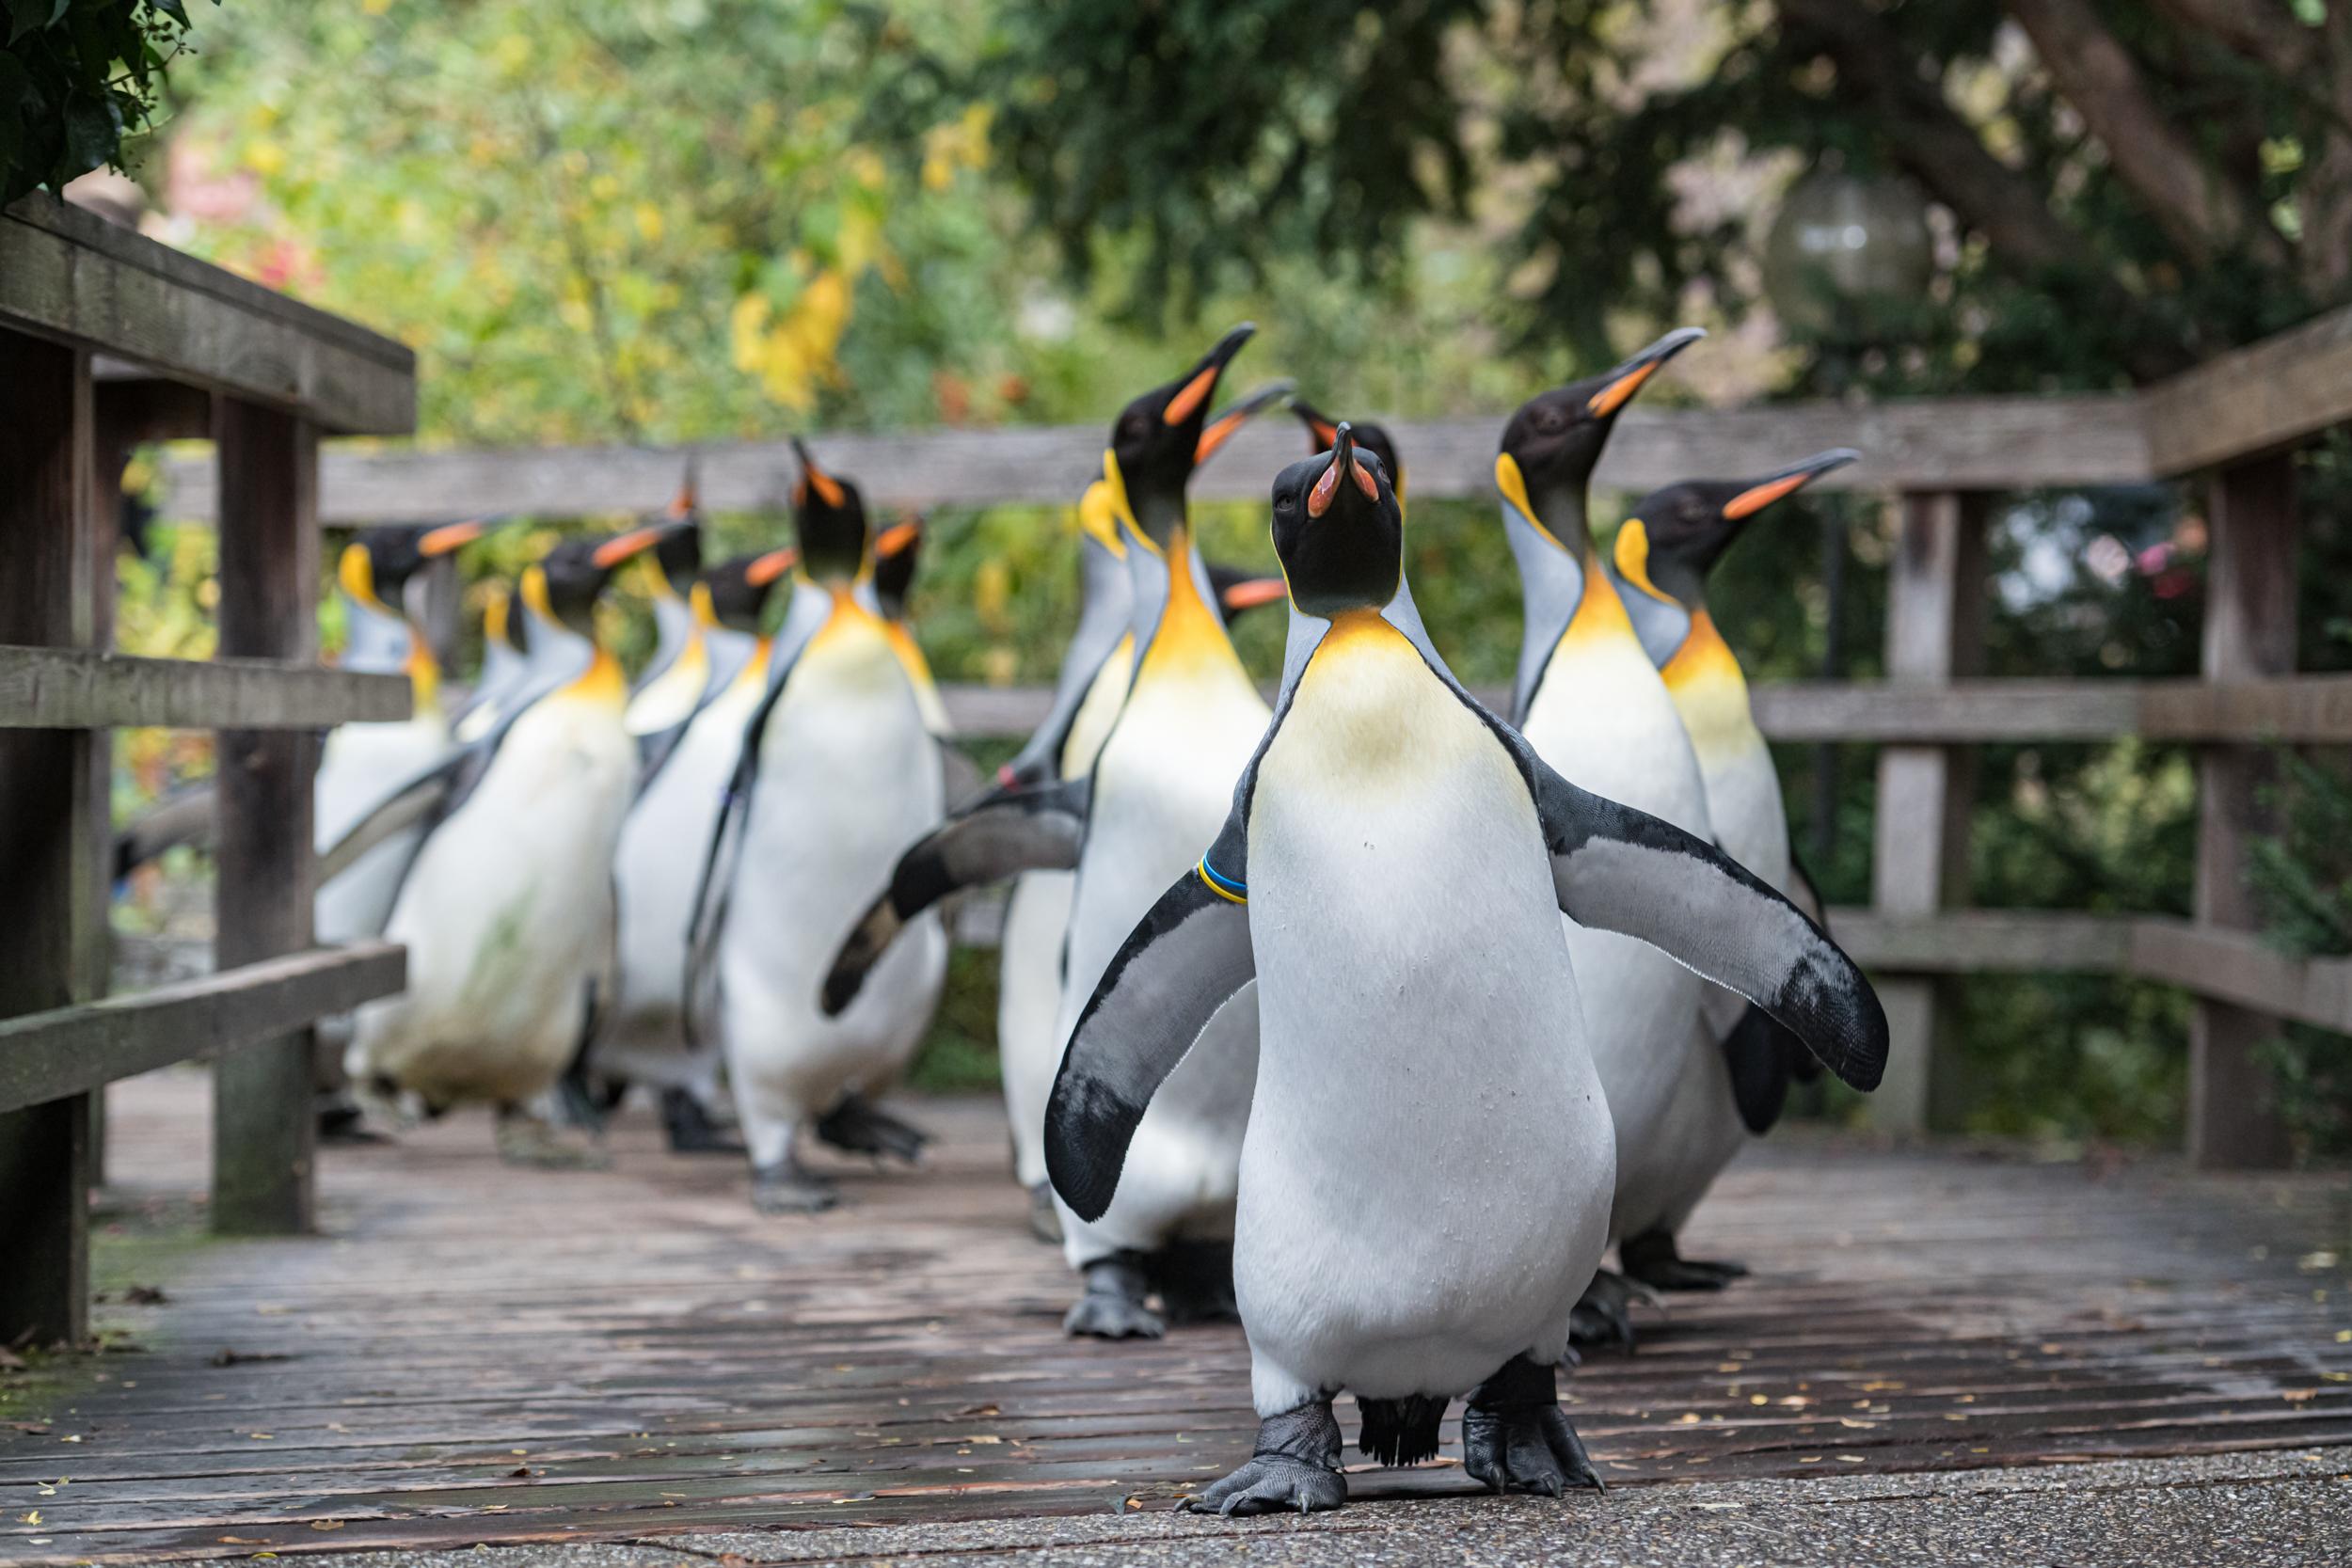 Les meilleurs zoos de Suisse - Zoo de Bâle